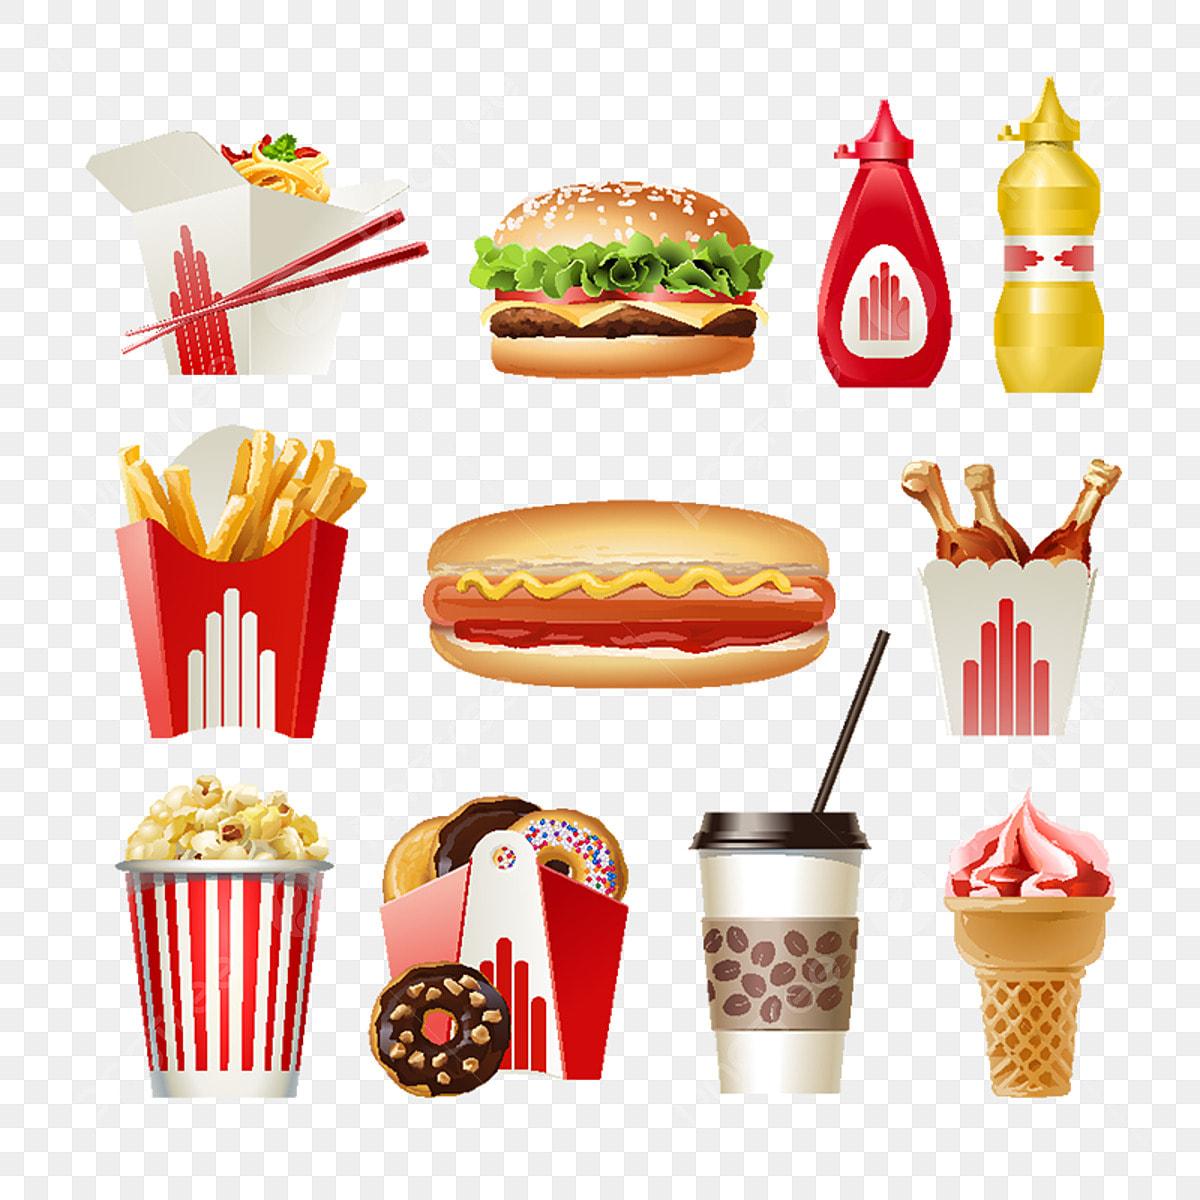 Fast Food Clipart Junk Food Restaurant ClipArt Essen und | Etsy